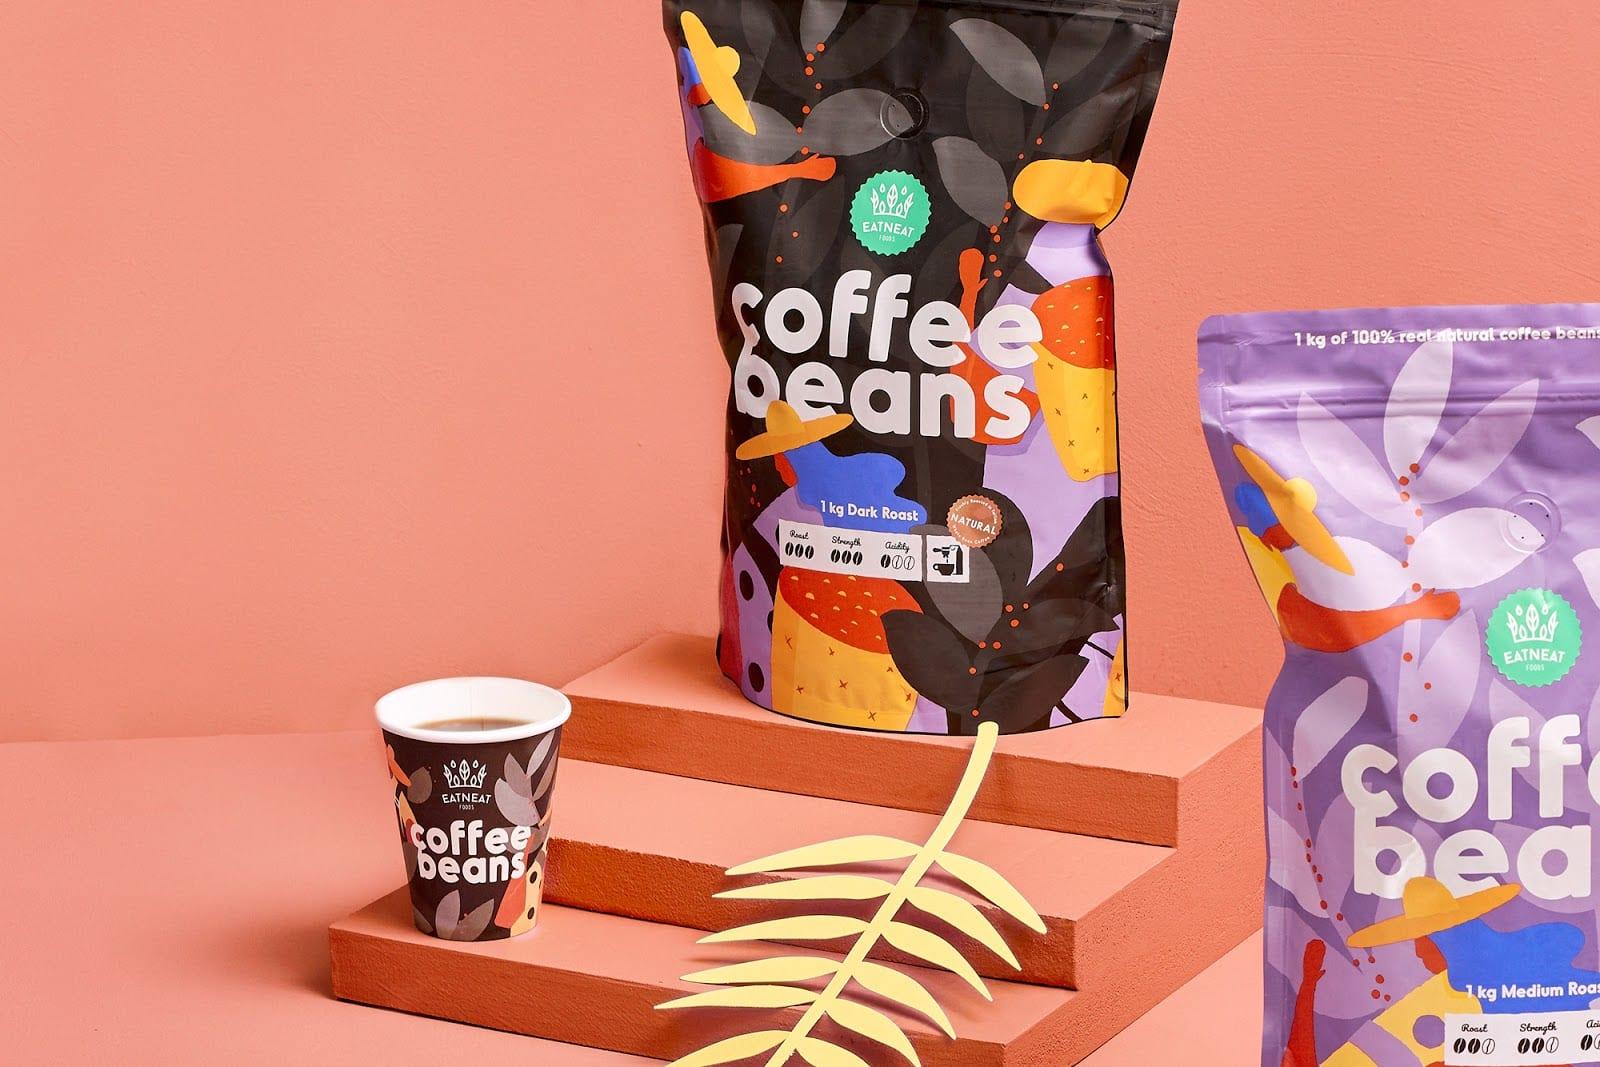 coffeebeans11 - Coffee Beans je nová značka kávy s hravým obalem